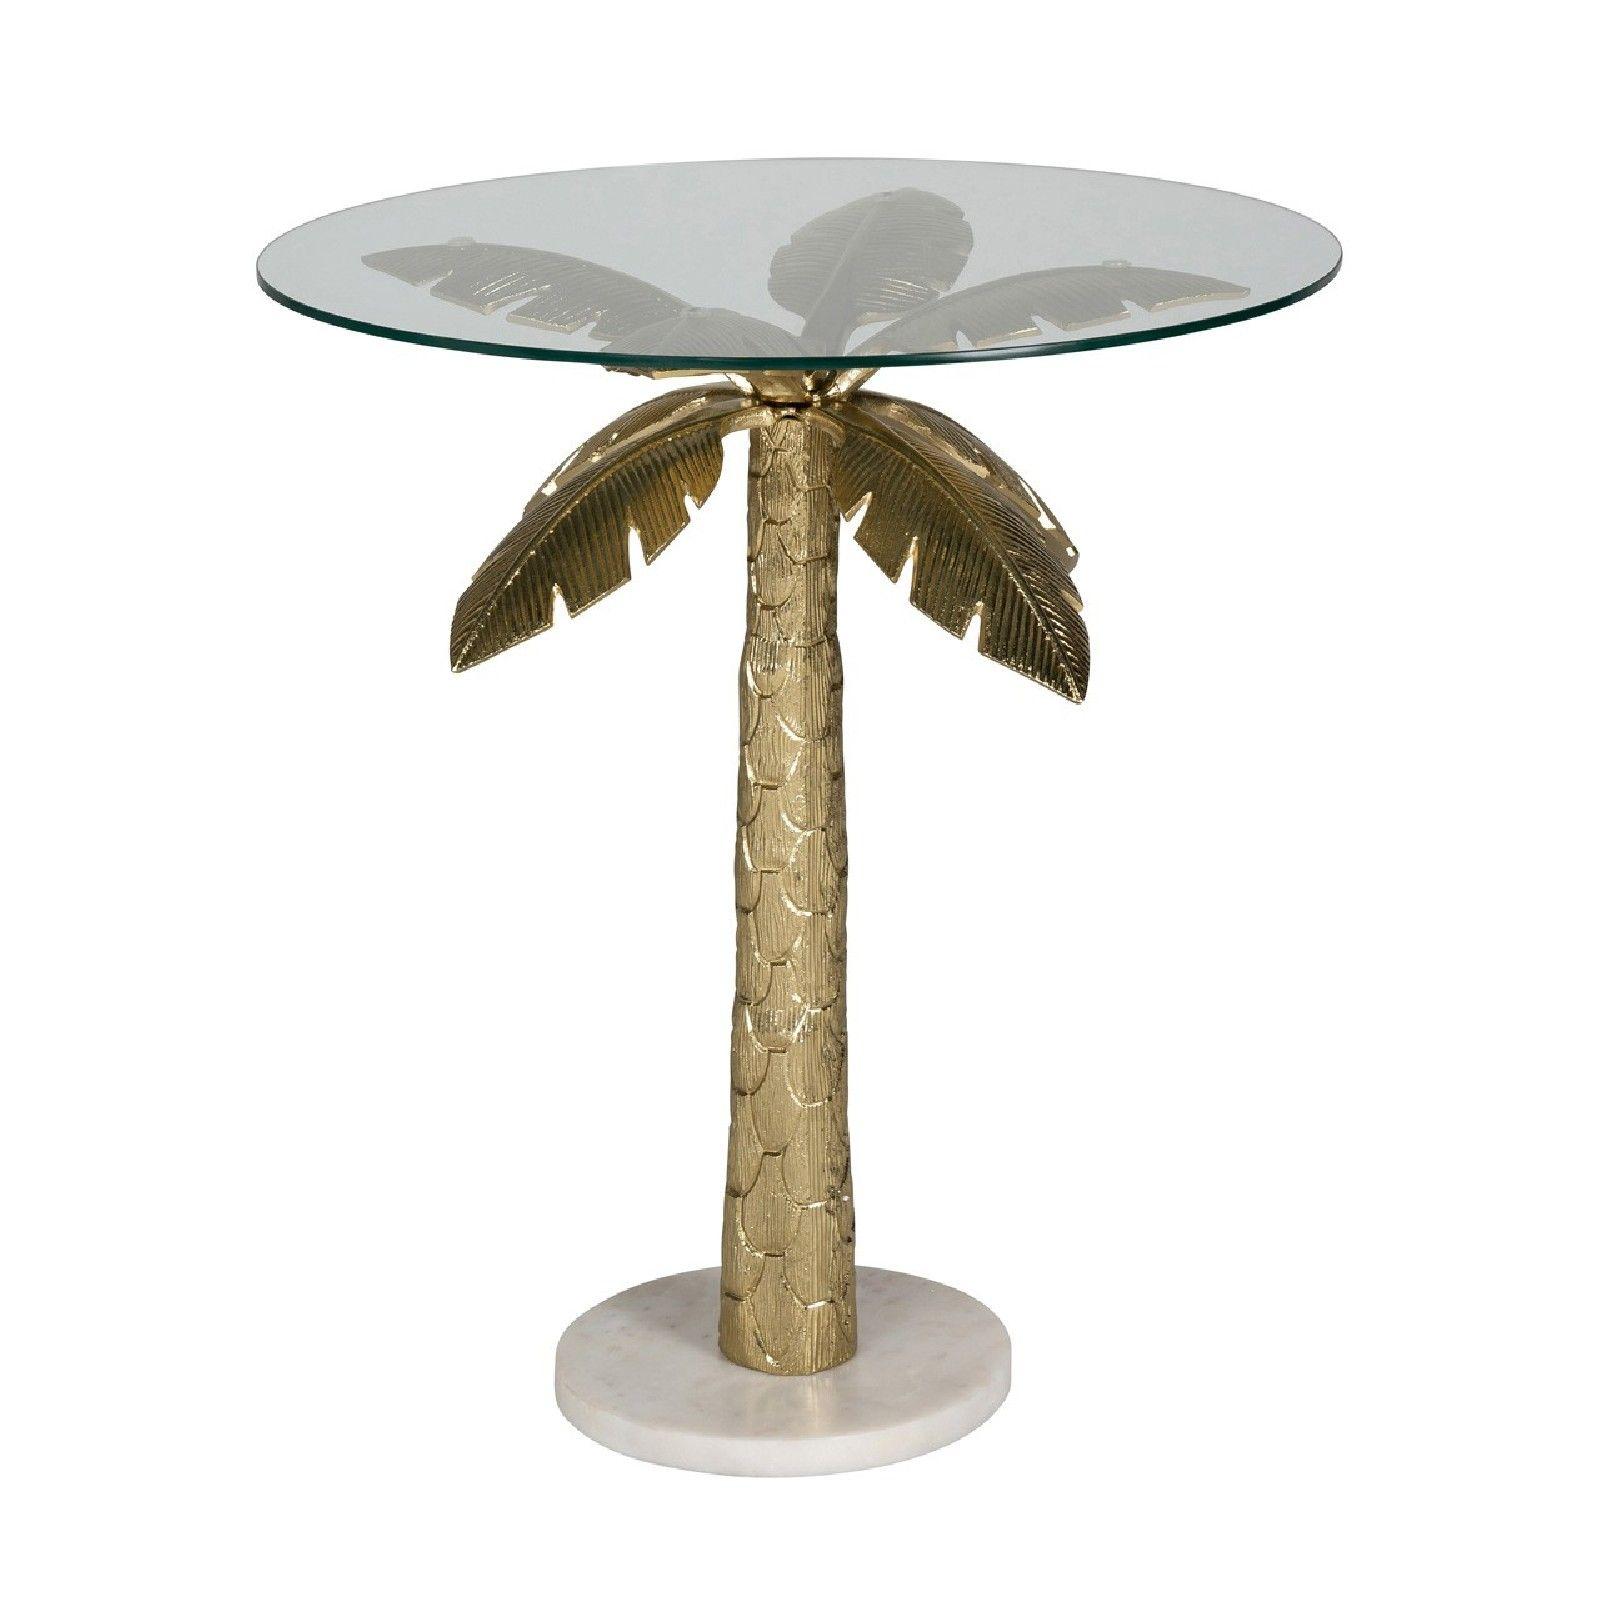 Table d'angle Palm avec du verre Meuble Déco Tendance - 65